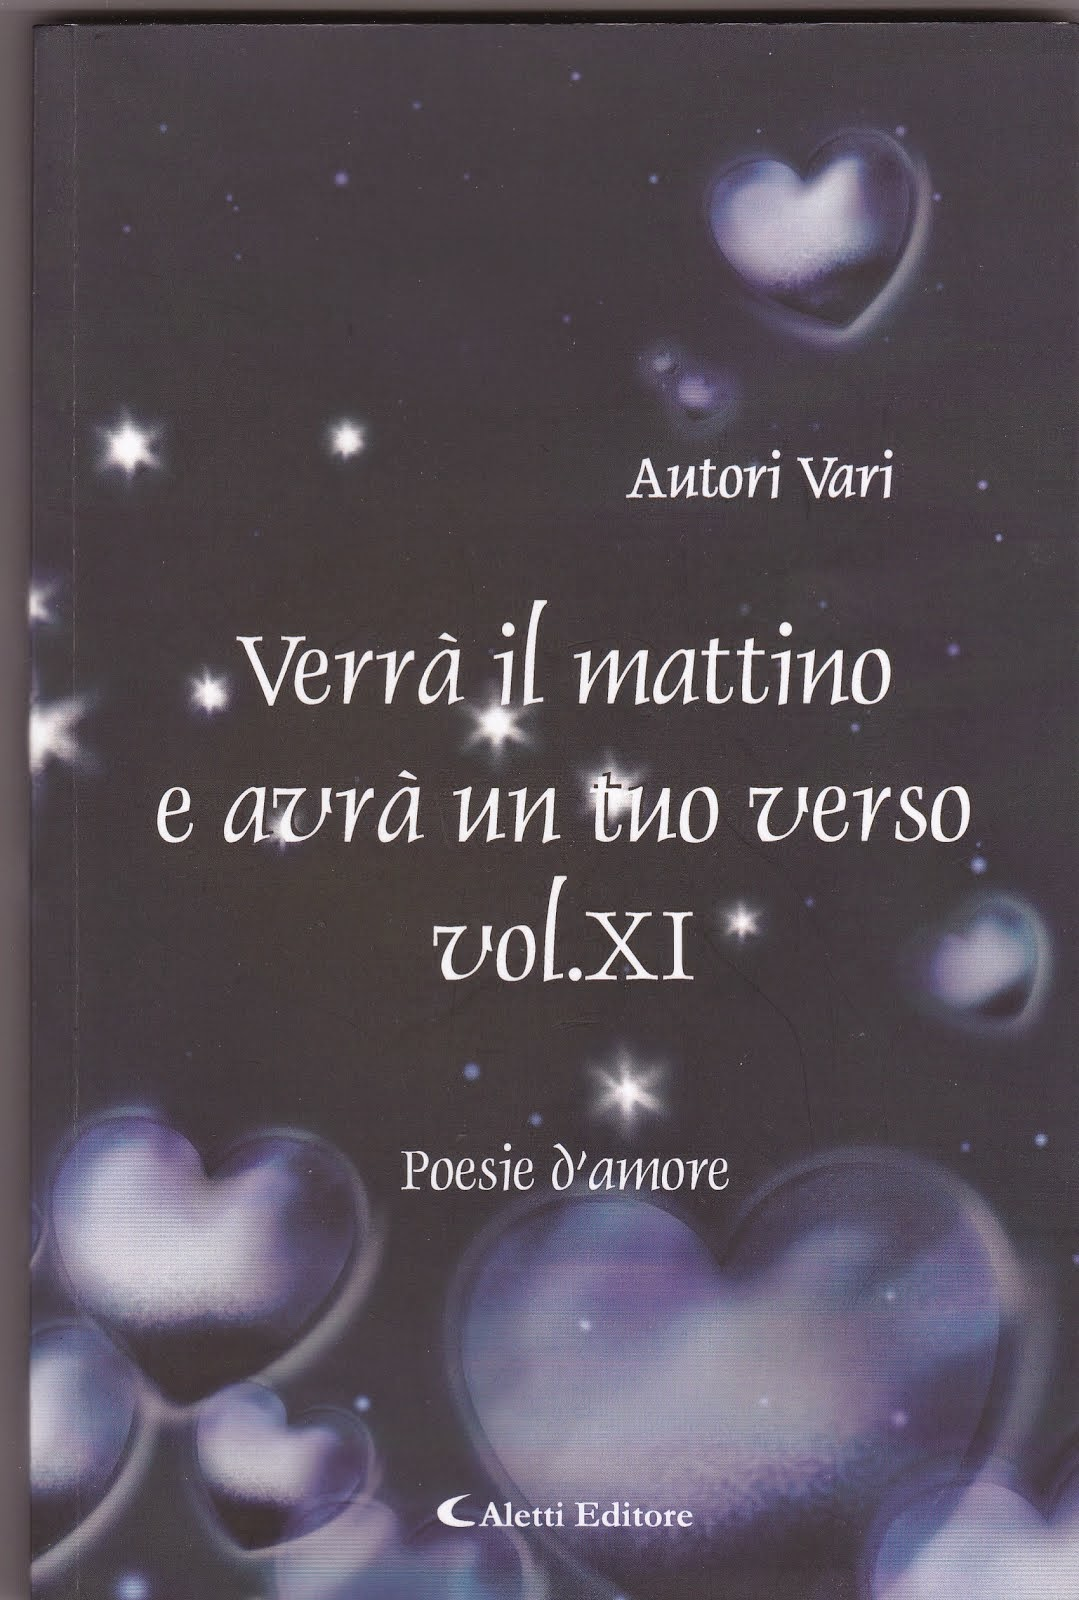 Verrà il mattino e avrà un tuo verso - 1° ed. 2014- Concorsi Aletti Editore